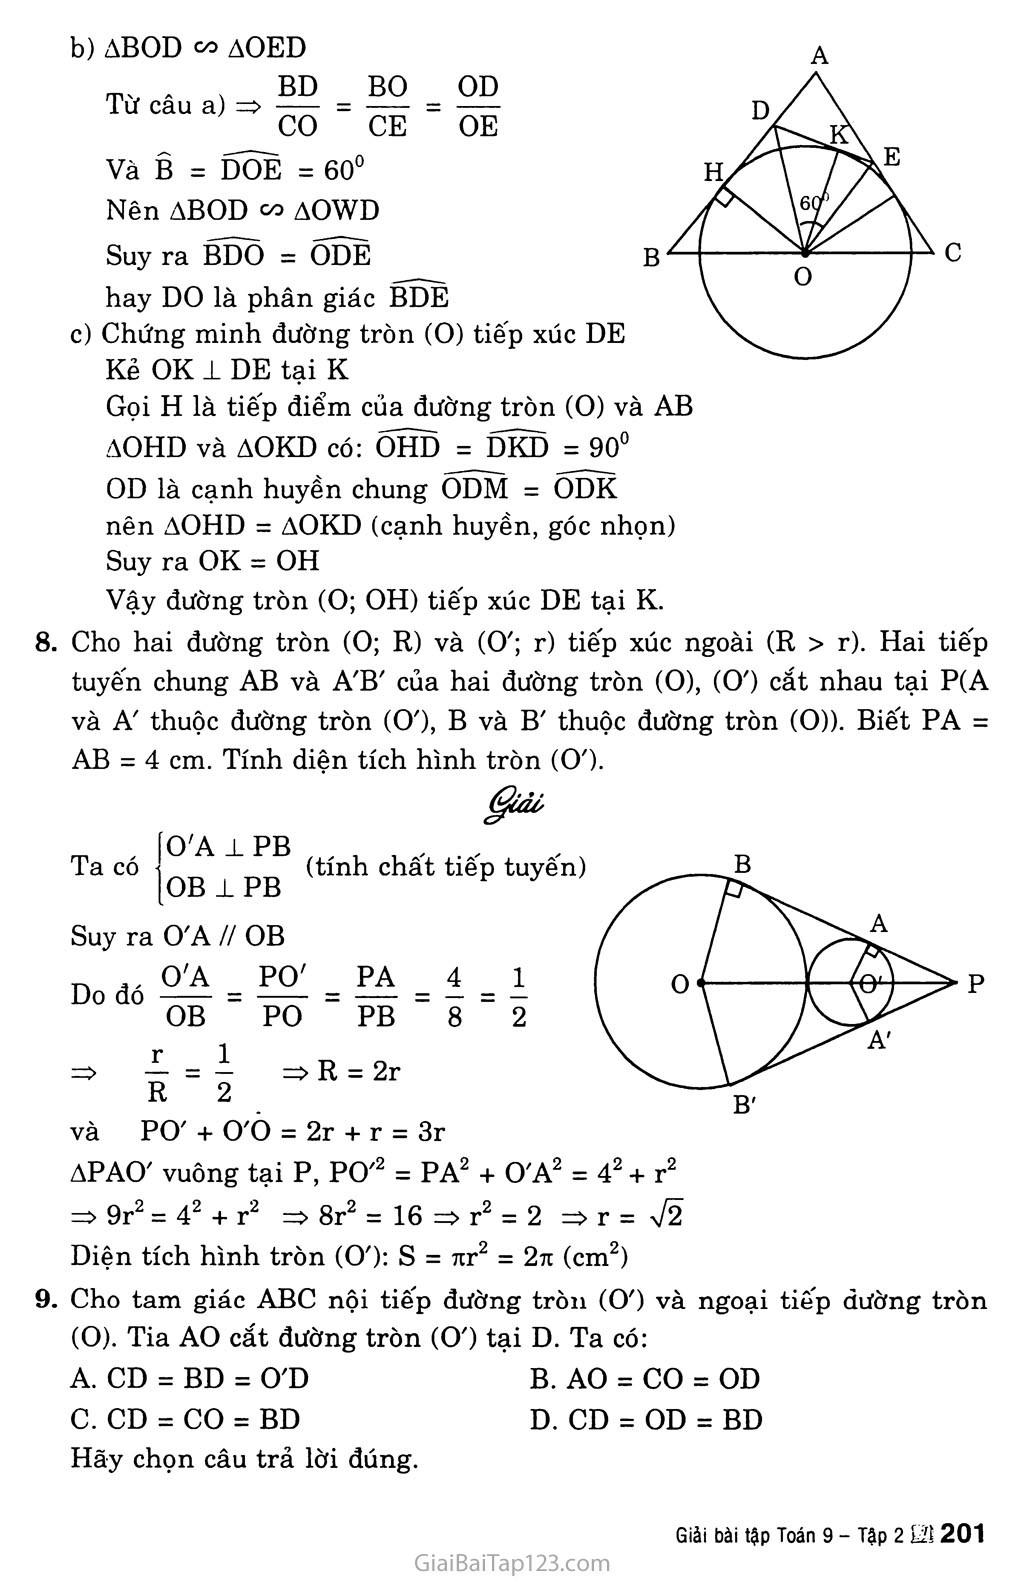 Bài tập ôn cuối năm trang 15